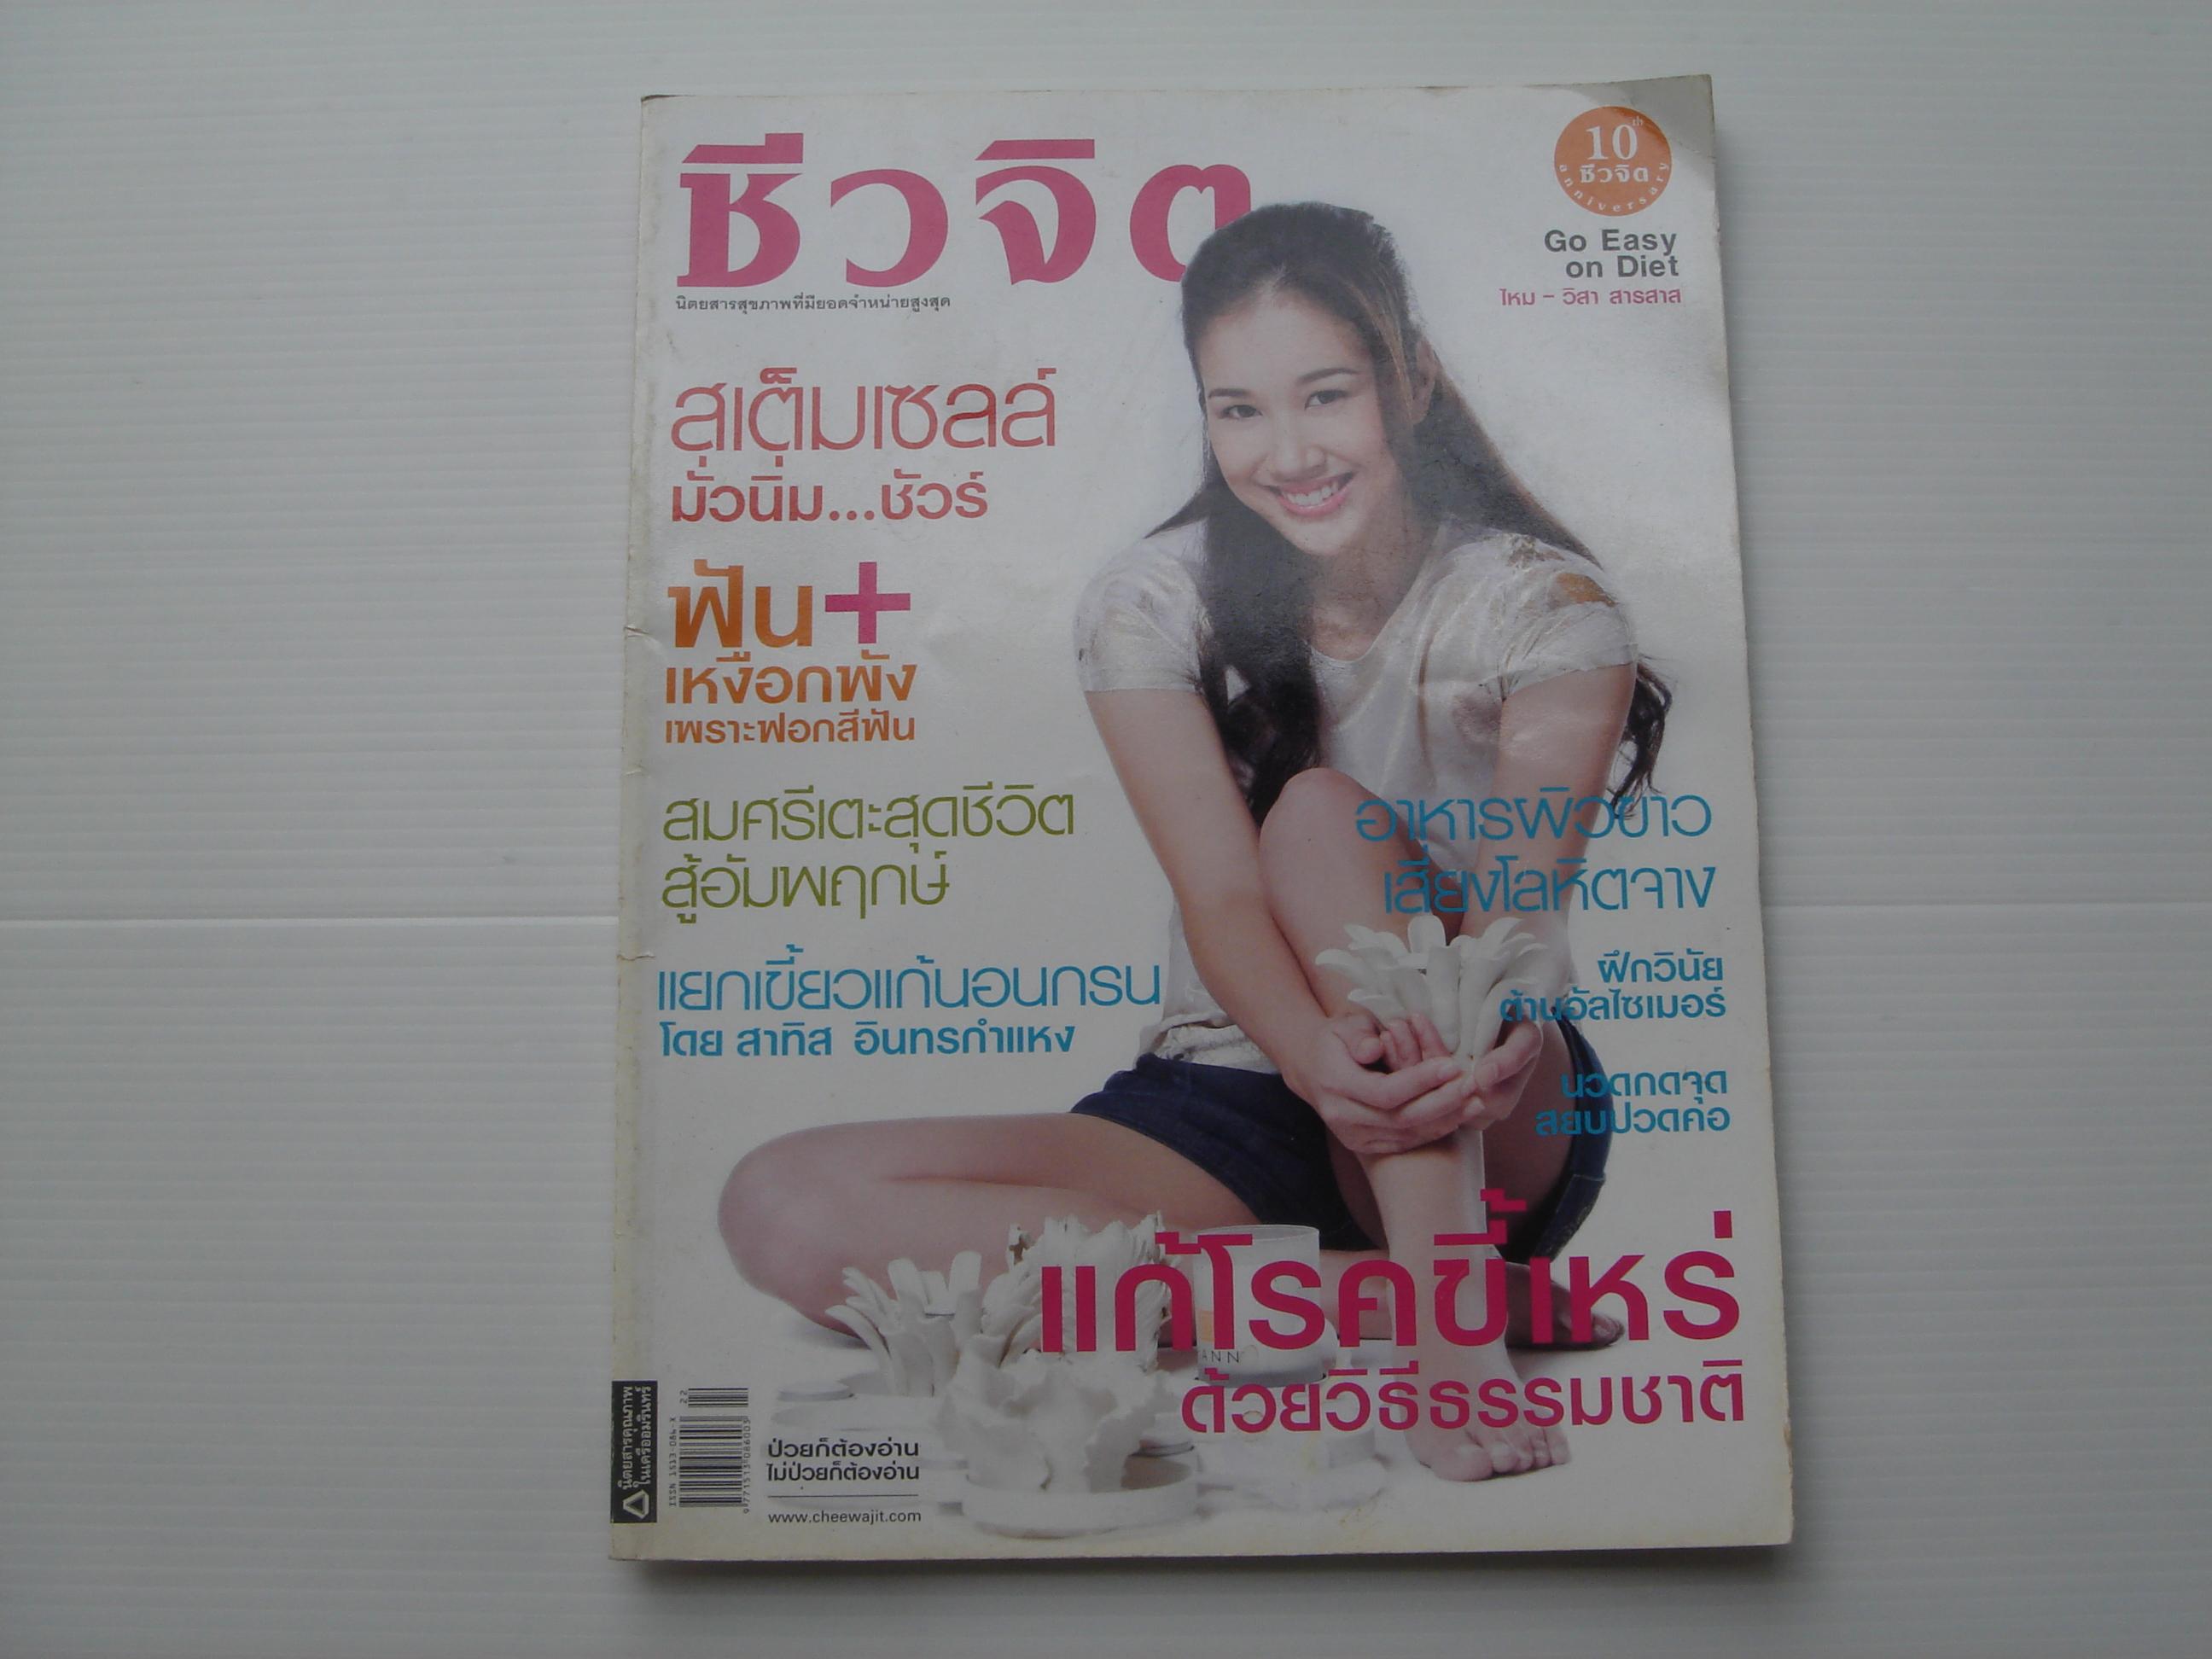 ชีวจิต ปีที่ 10 ฉบับที่ 219 - 16 พฤศจิกายน 2550 (Go Easy on Diet - ไหม วิสา สารสาส)